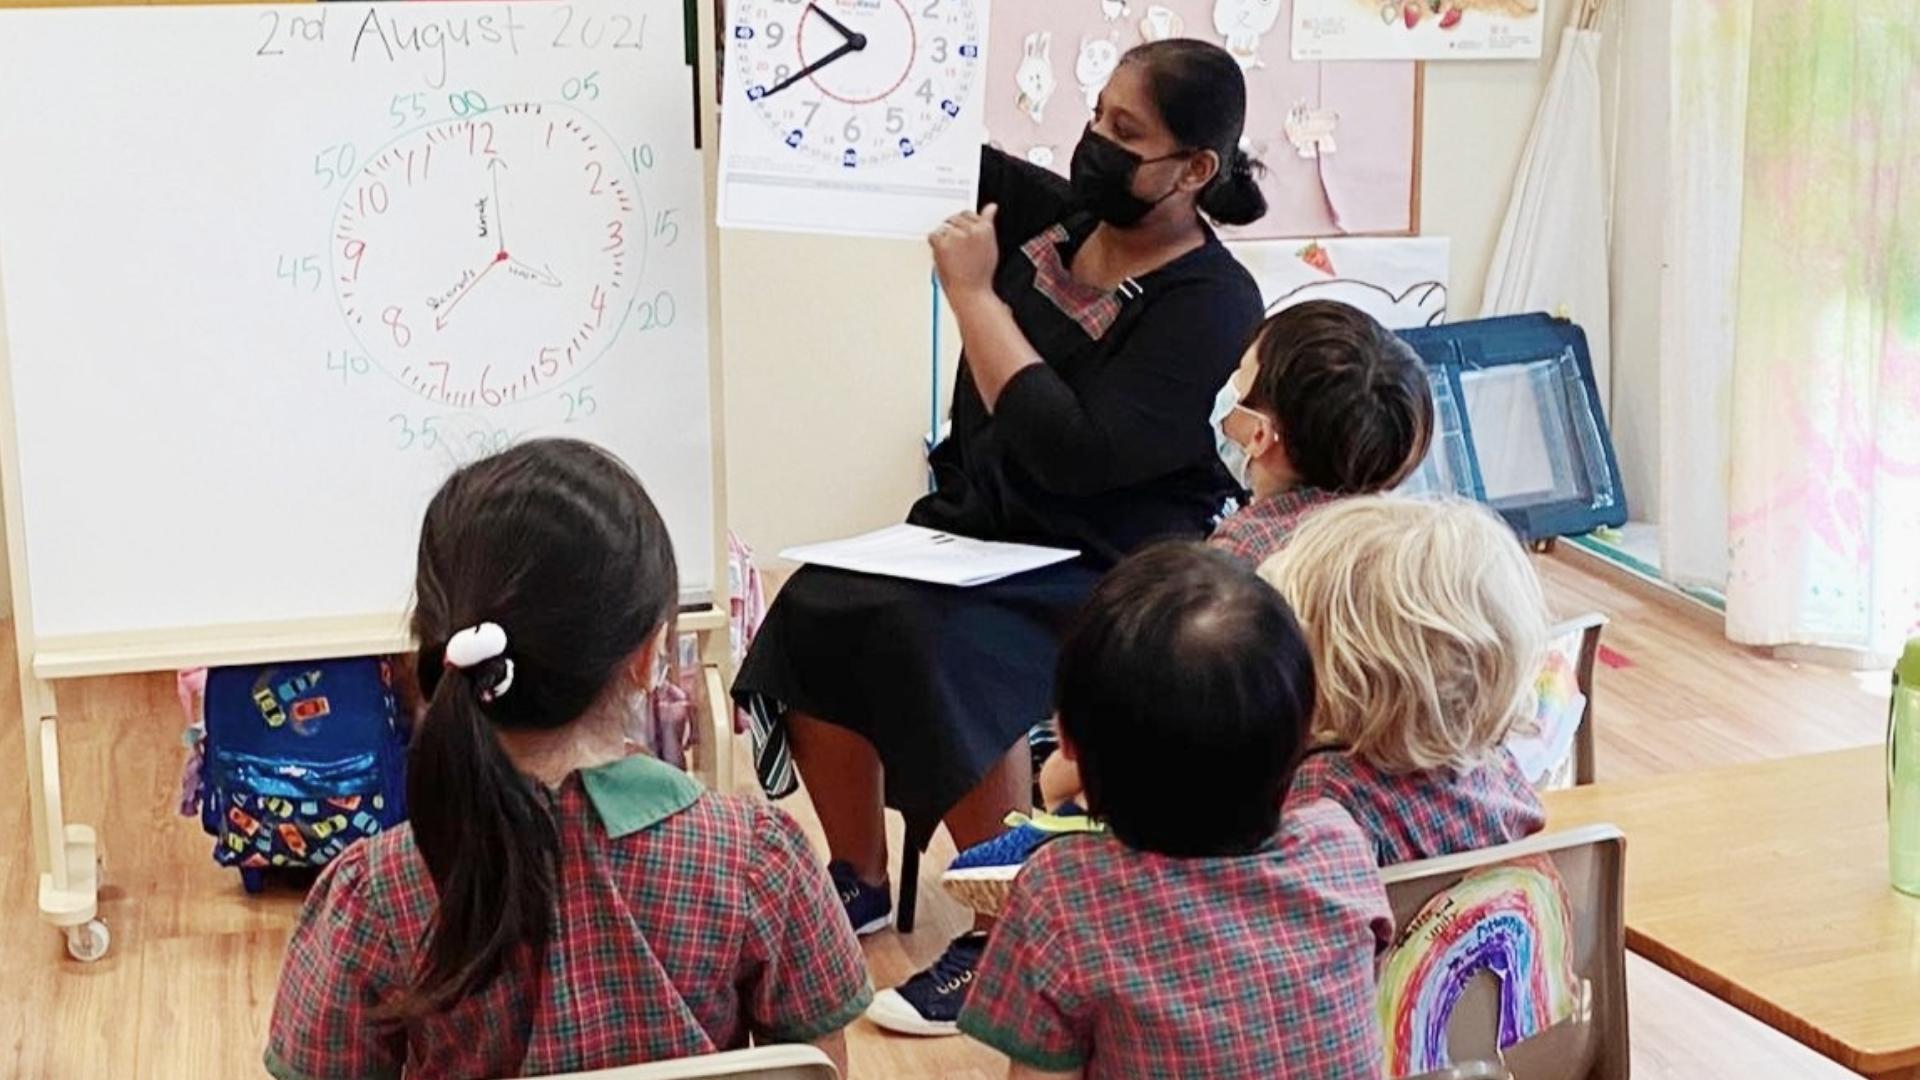 Meet & Greet - Hear From Our Educator, Sangeetha P.